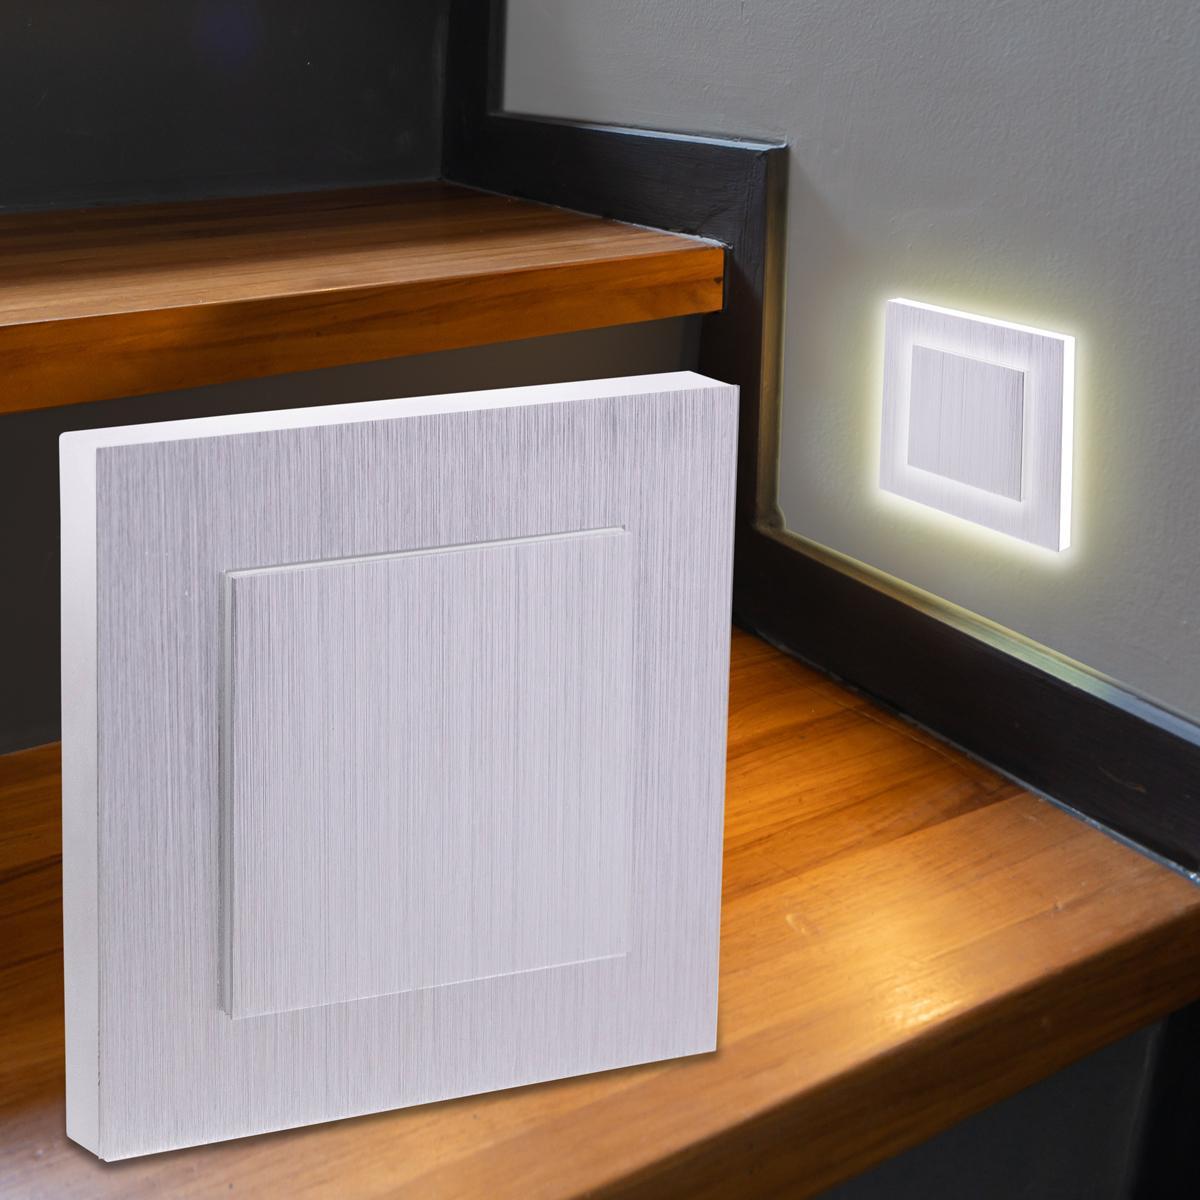 LED Treppenbeleuchtung Wandeinbauleuchte Warmweiß 230V 1.5W Alu-gebürstet Lichtaustritt seitlich/doppelt